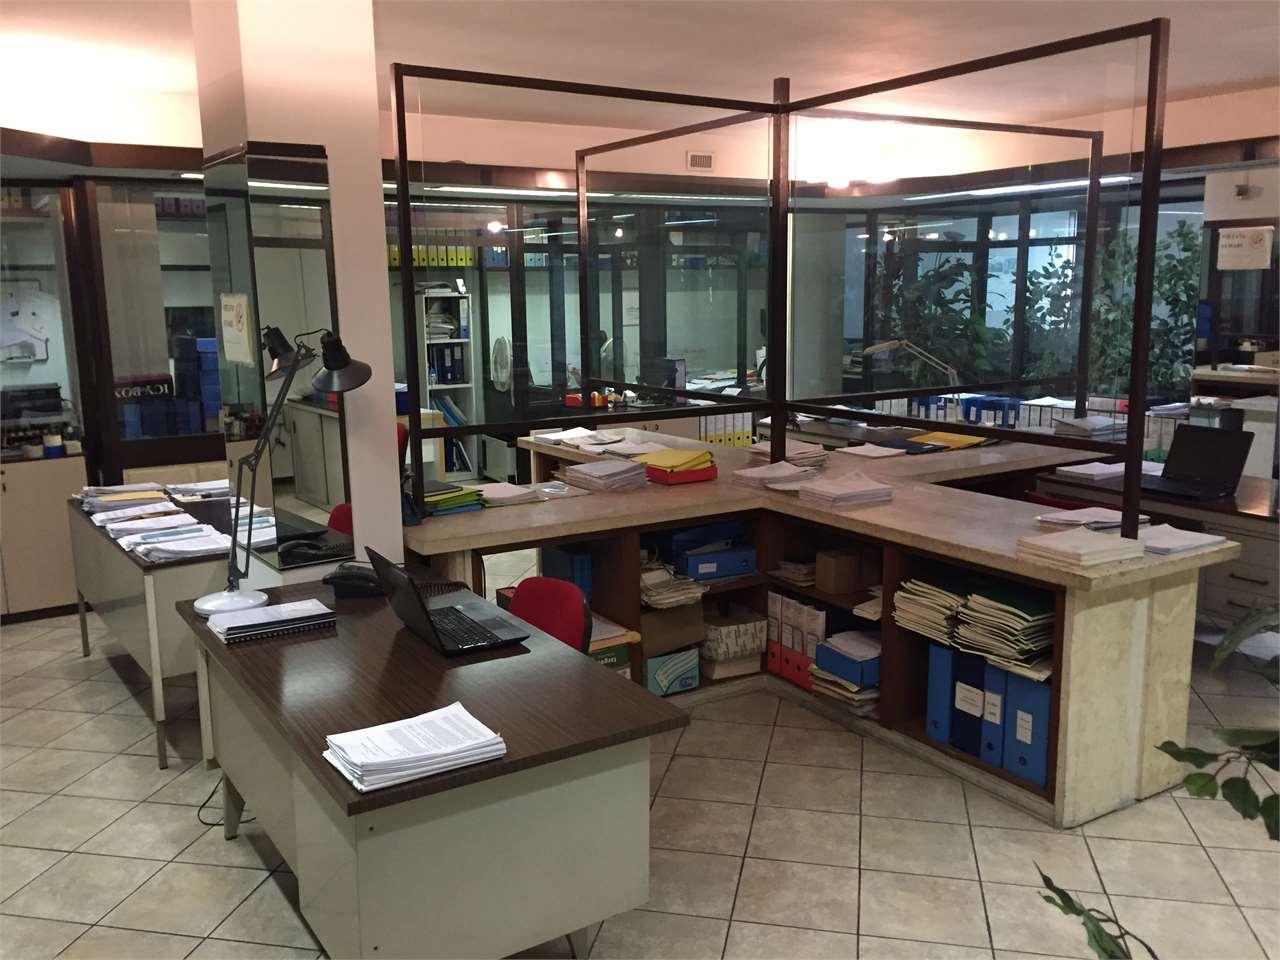 Ufficio In Vendita Roma : Vendita ufficio roma roma prezzo